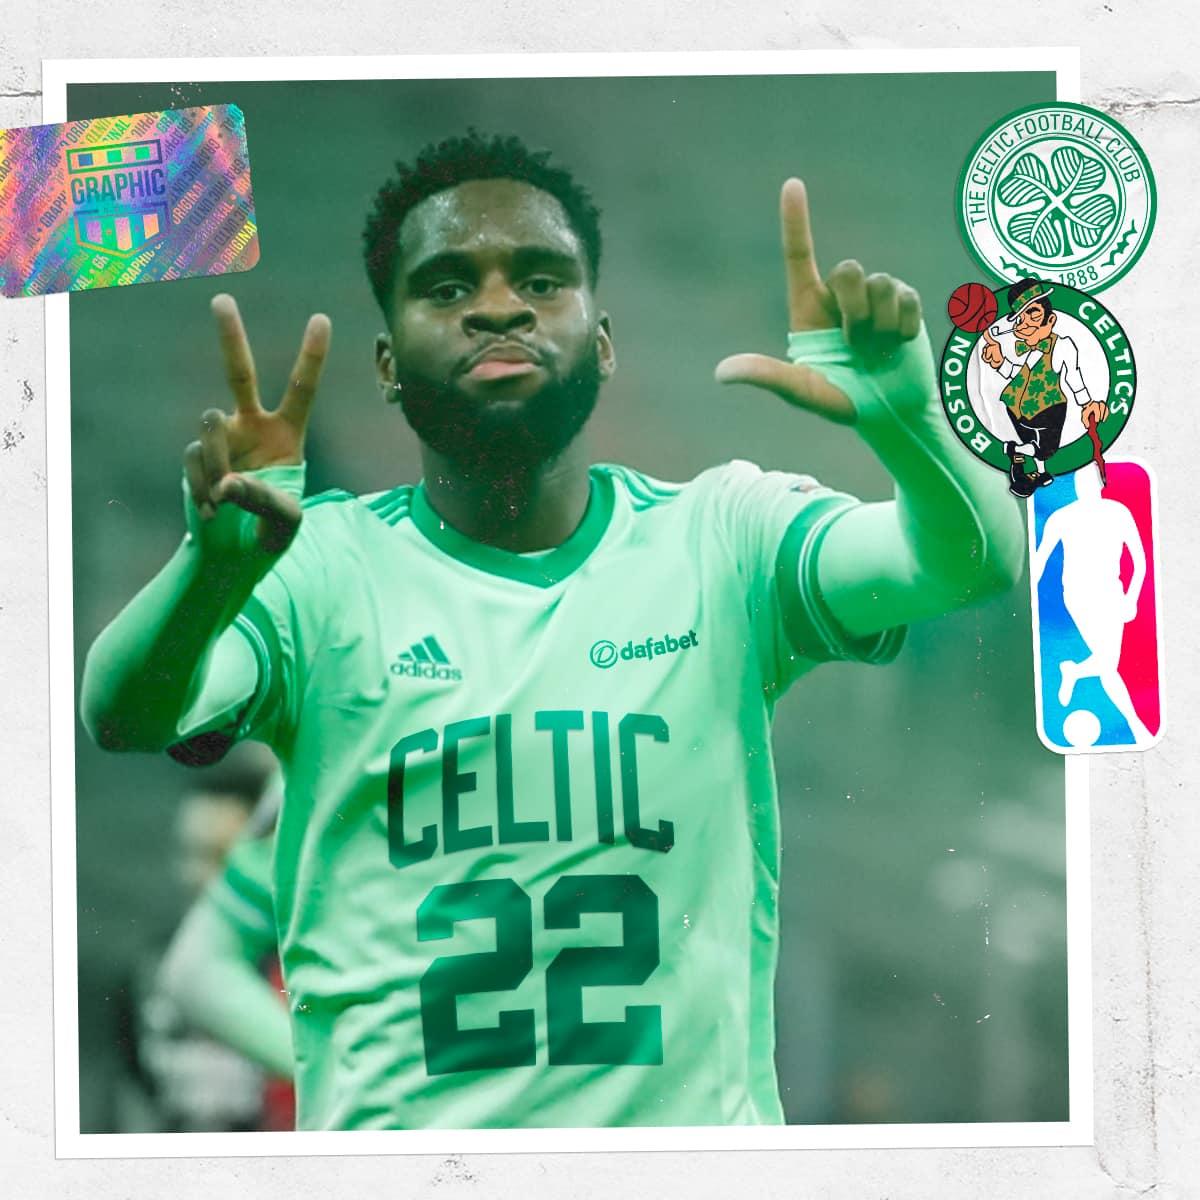 maillot-foot-nba-graphic-untd-celtic-fc-boston-celtic